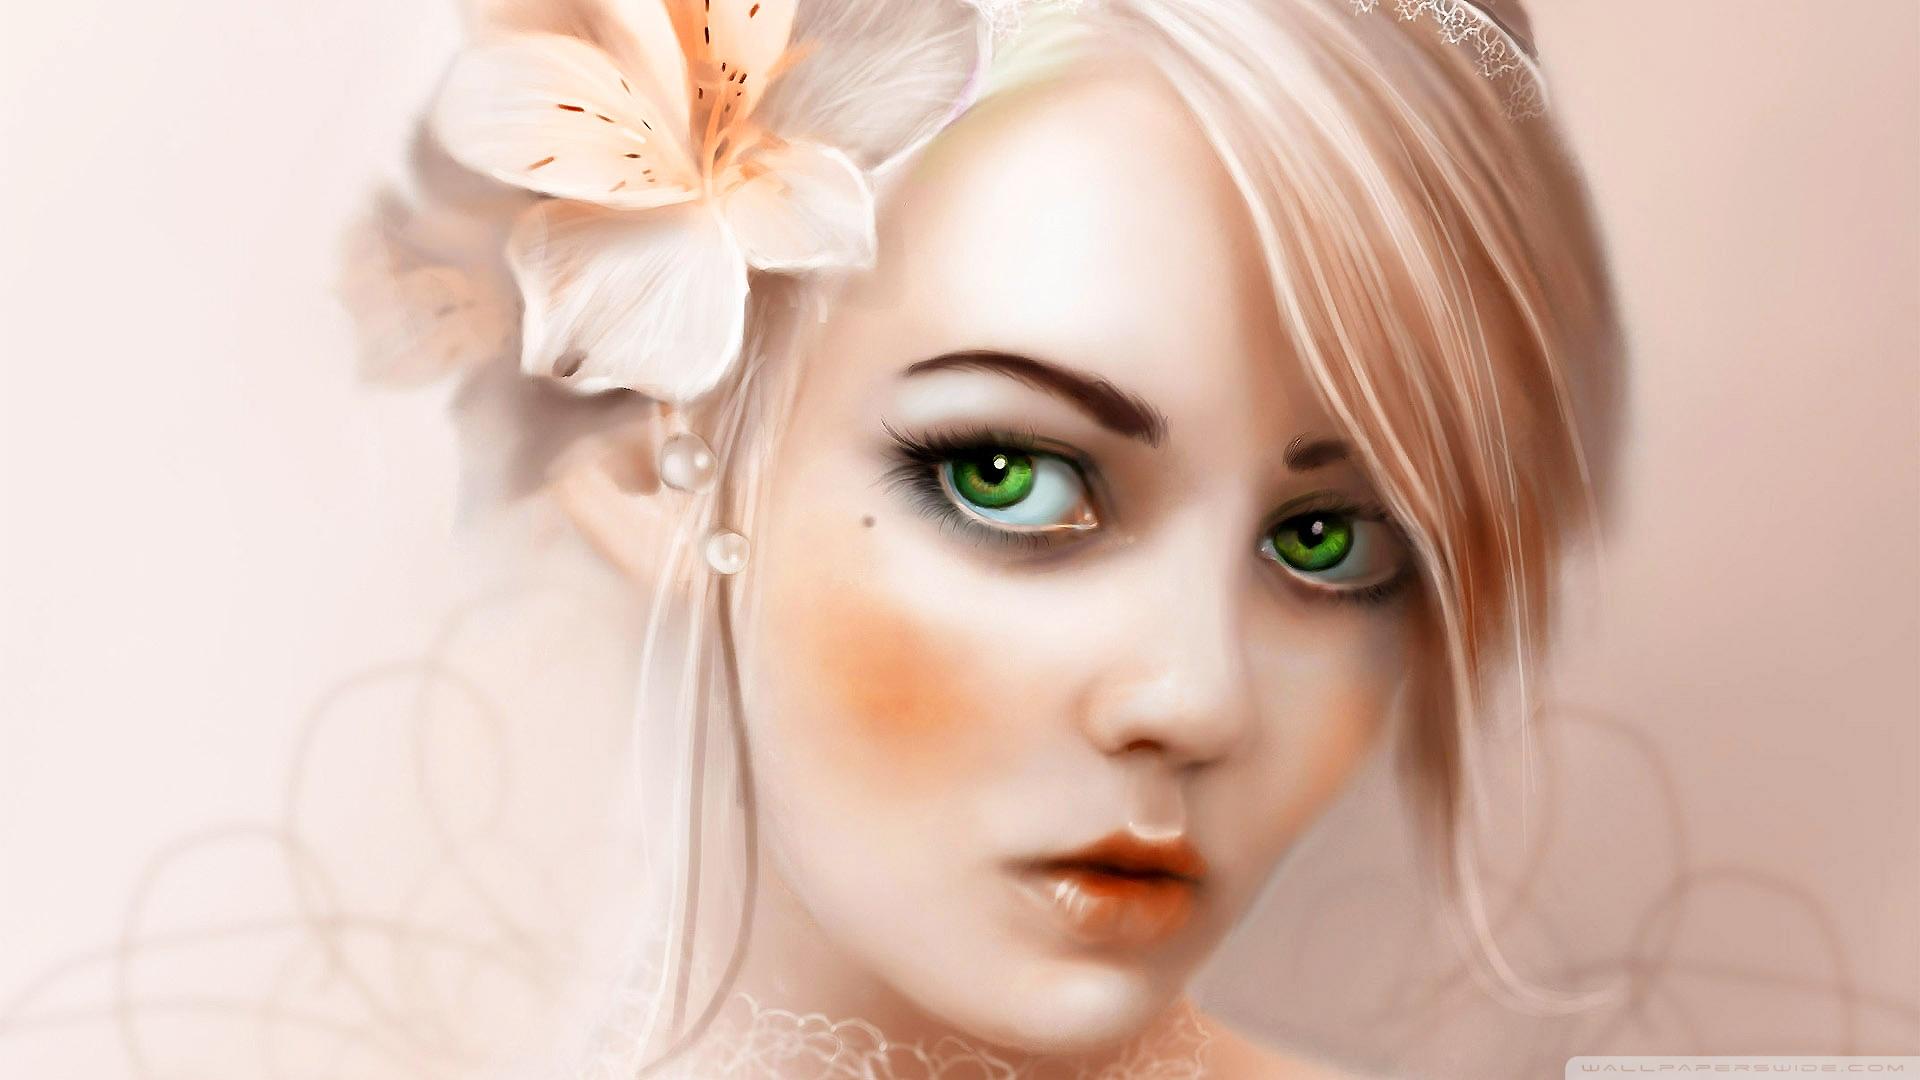 Download Free WallpaperGreen Eyes